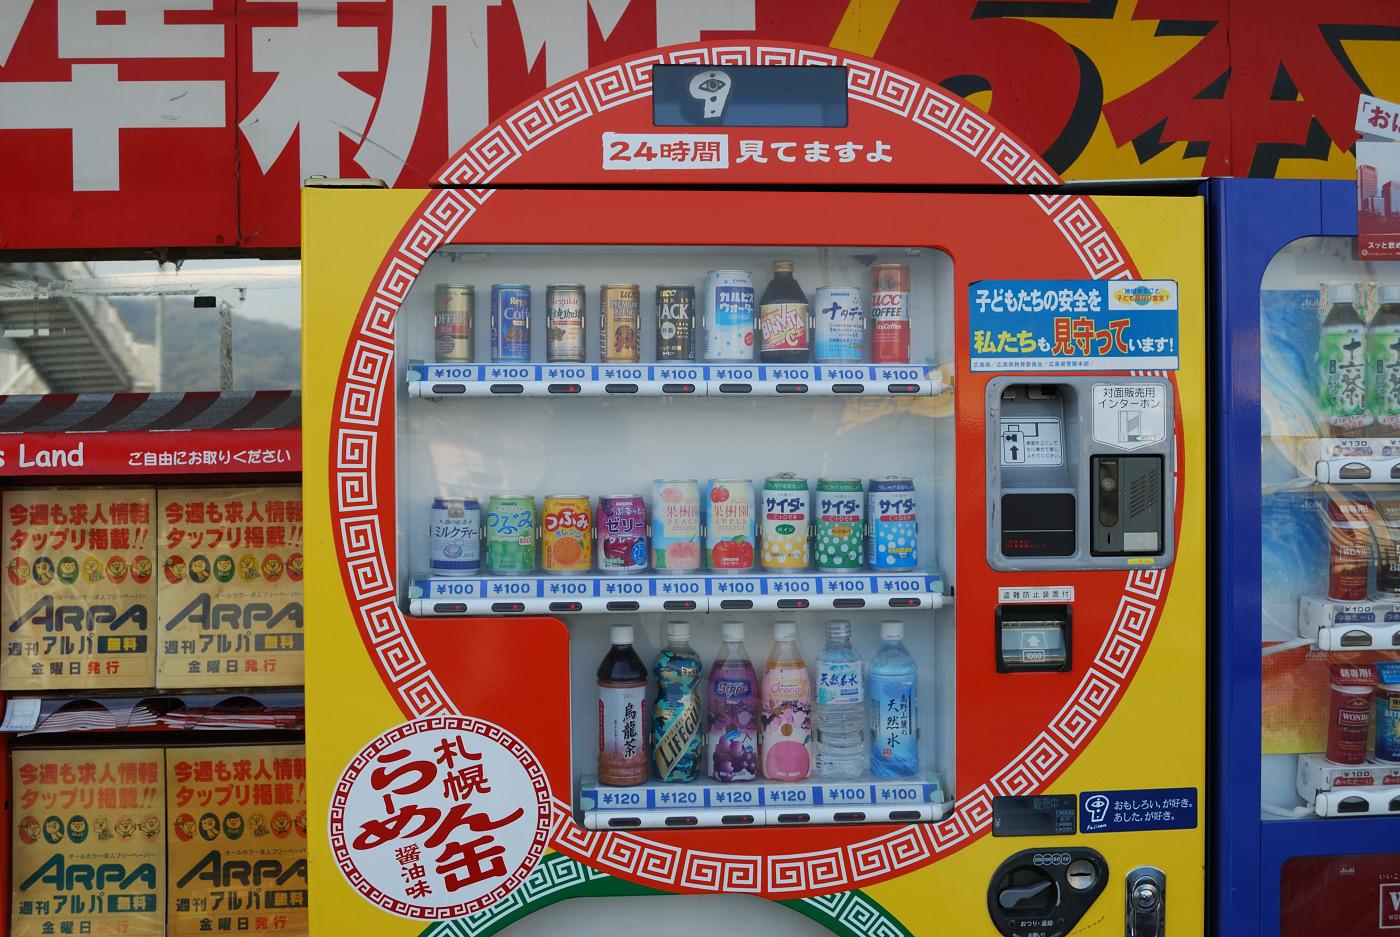 さっぽろラーメン缶の自動販売機